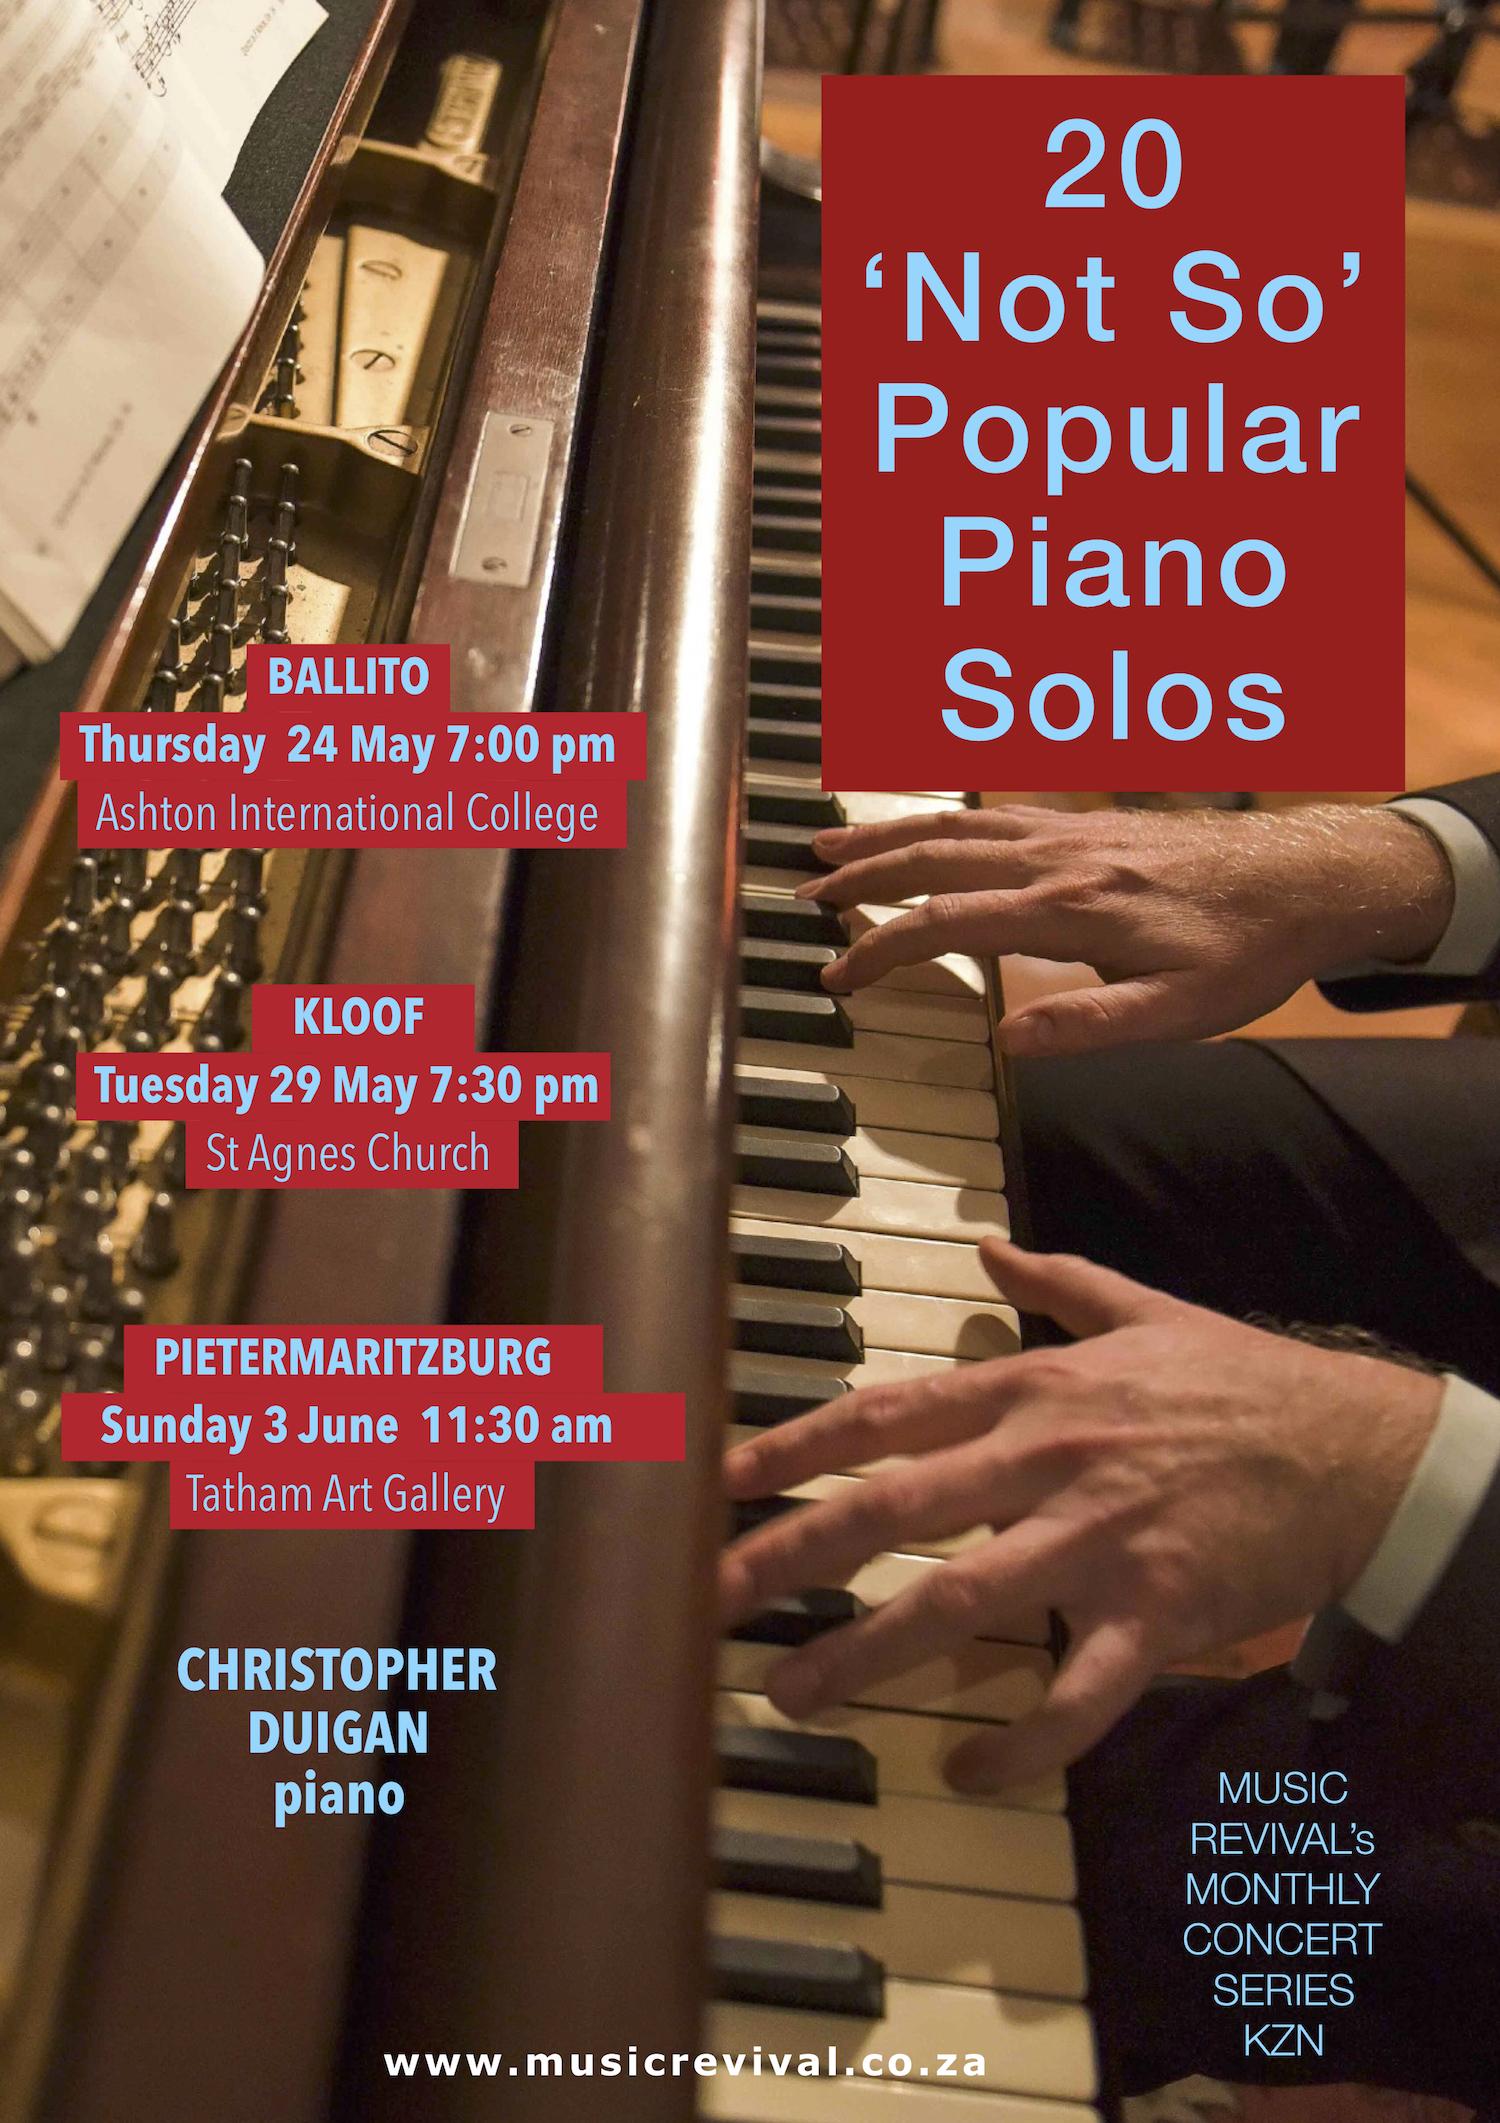 KZN May 18  20 Piano v2 copy 2.jpg